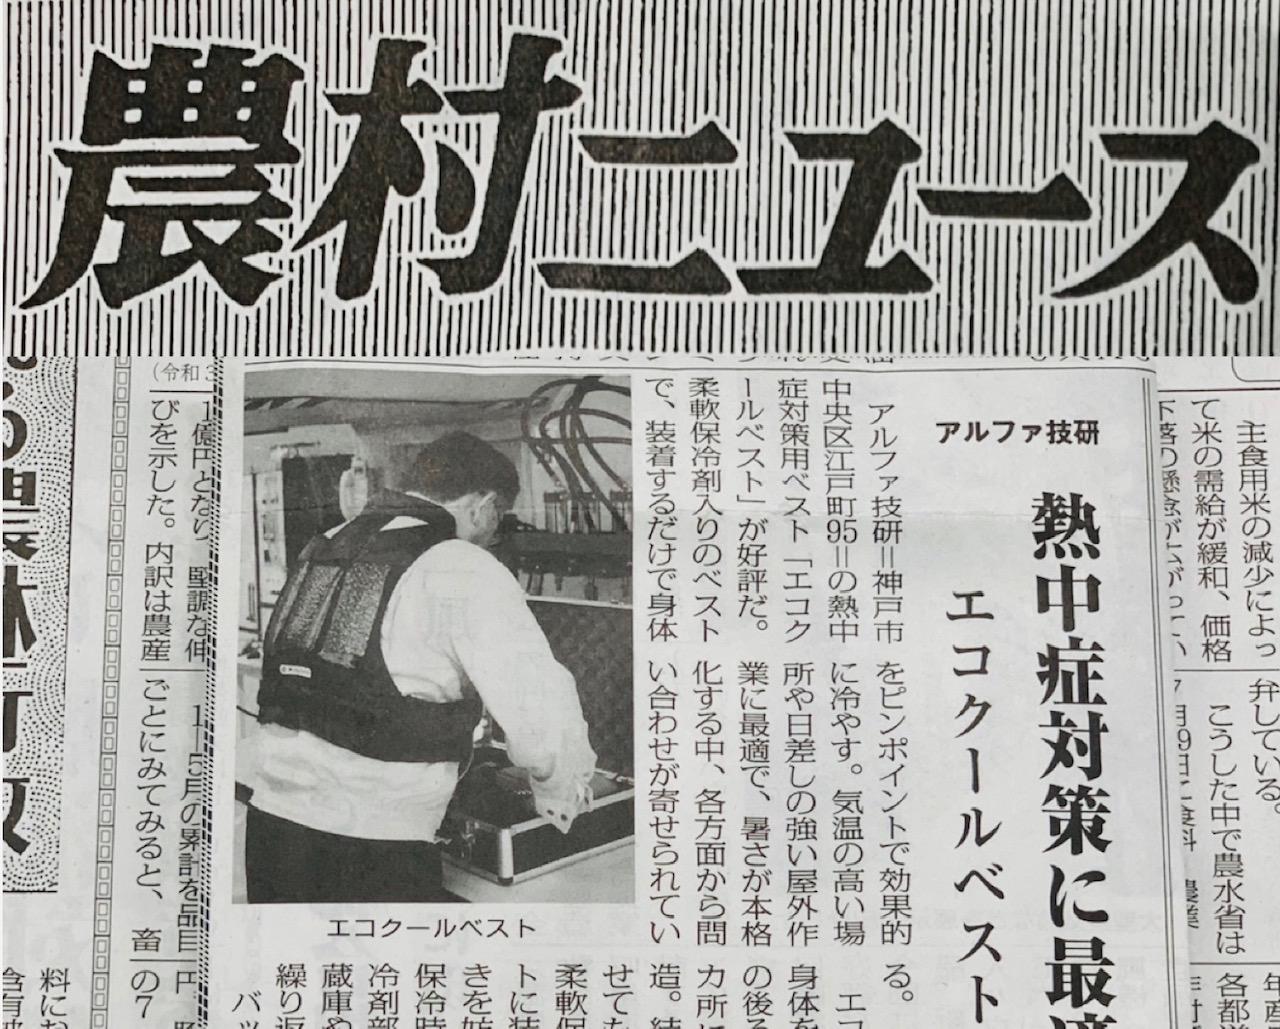 メディア紹介|農村ニュース|エコクールベスト